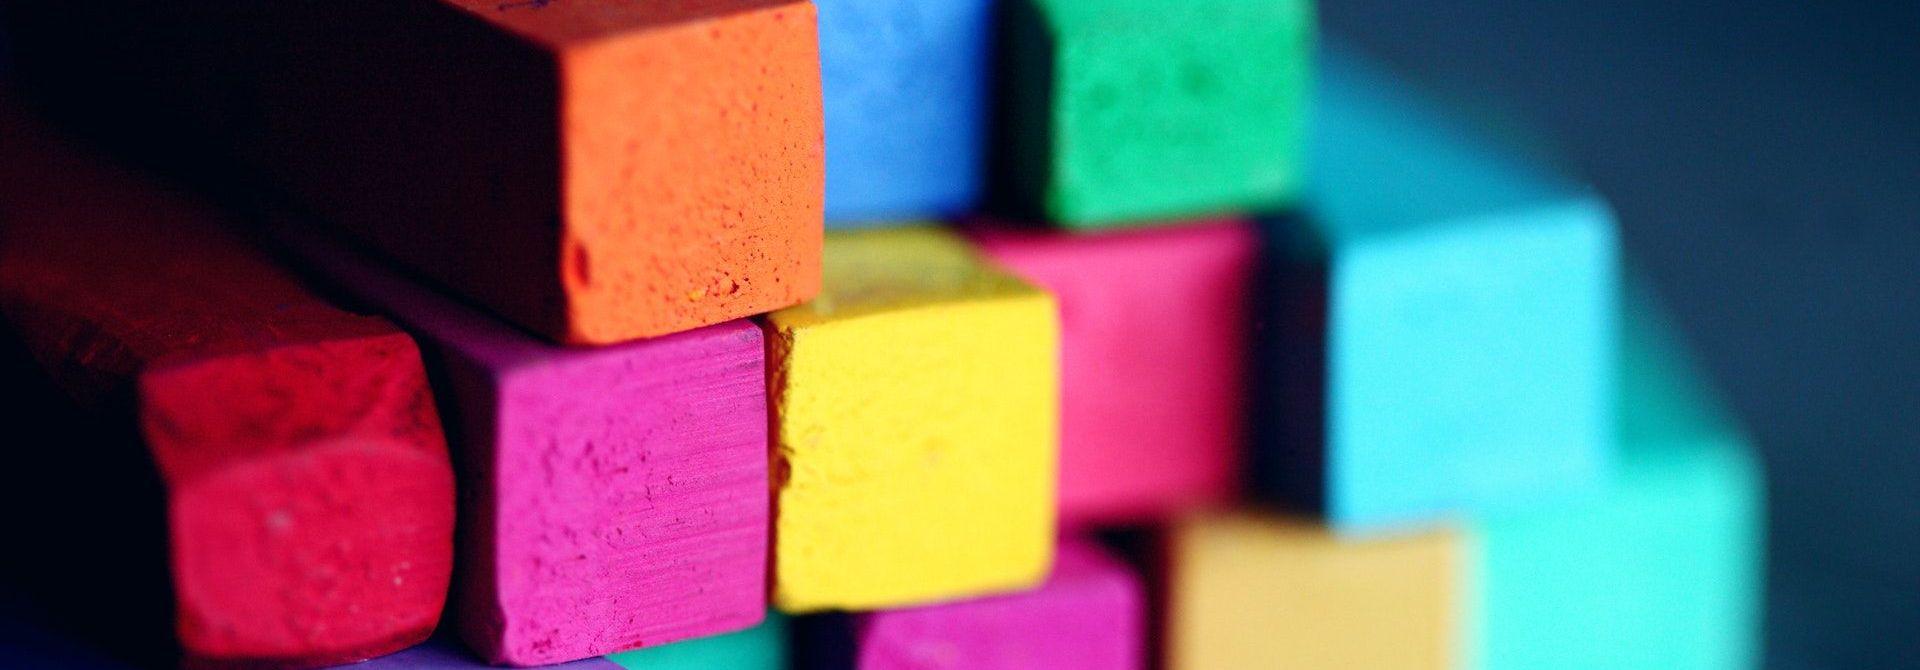 Kategorie für benutzerdefinierte Block Patterns in WordPress mit dem Block-Editor (Gutenberg)